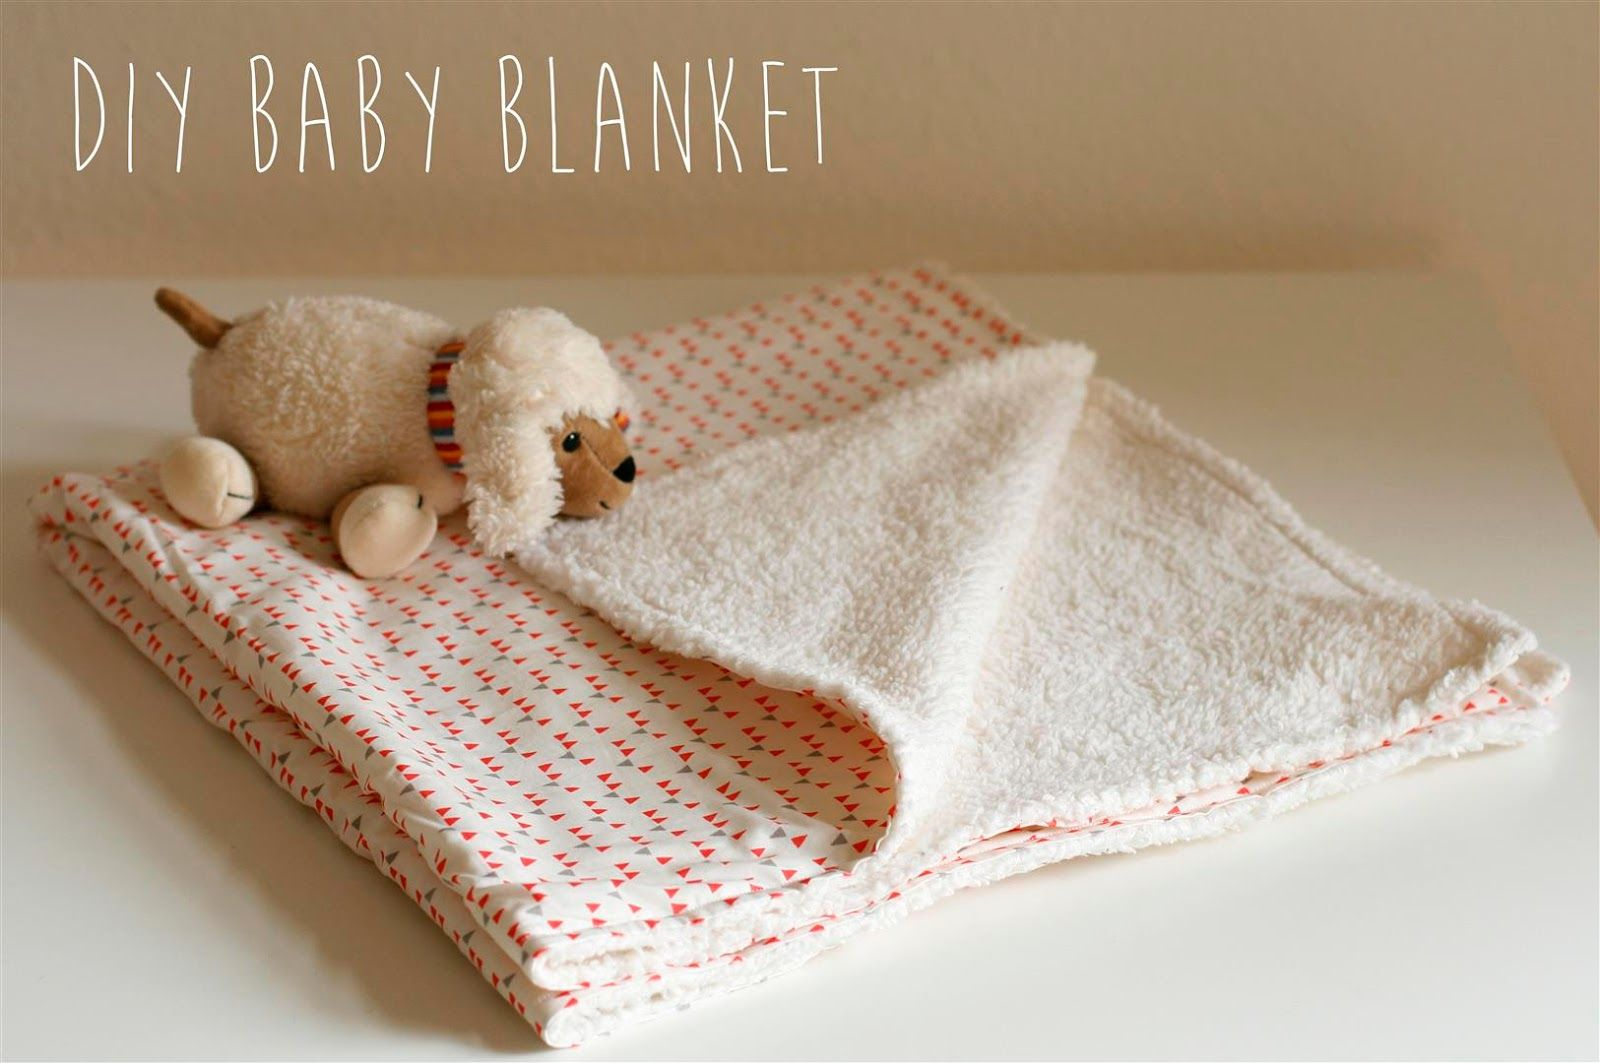 einfache babydecke selber n hen n hen pinterest babydecken selber n hen und n hen. Black Bedroom Furniture Sets. Home Design Ideas